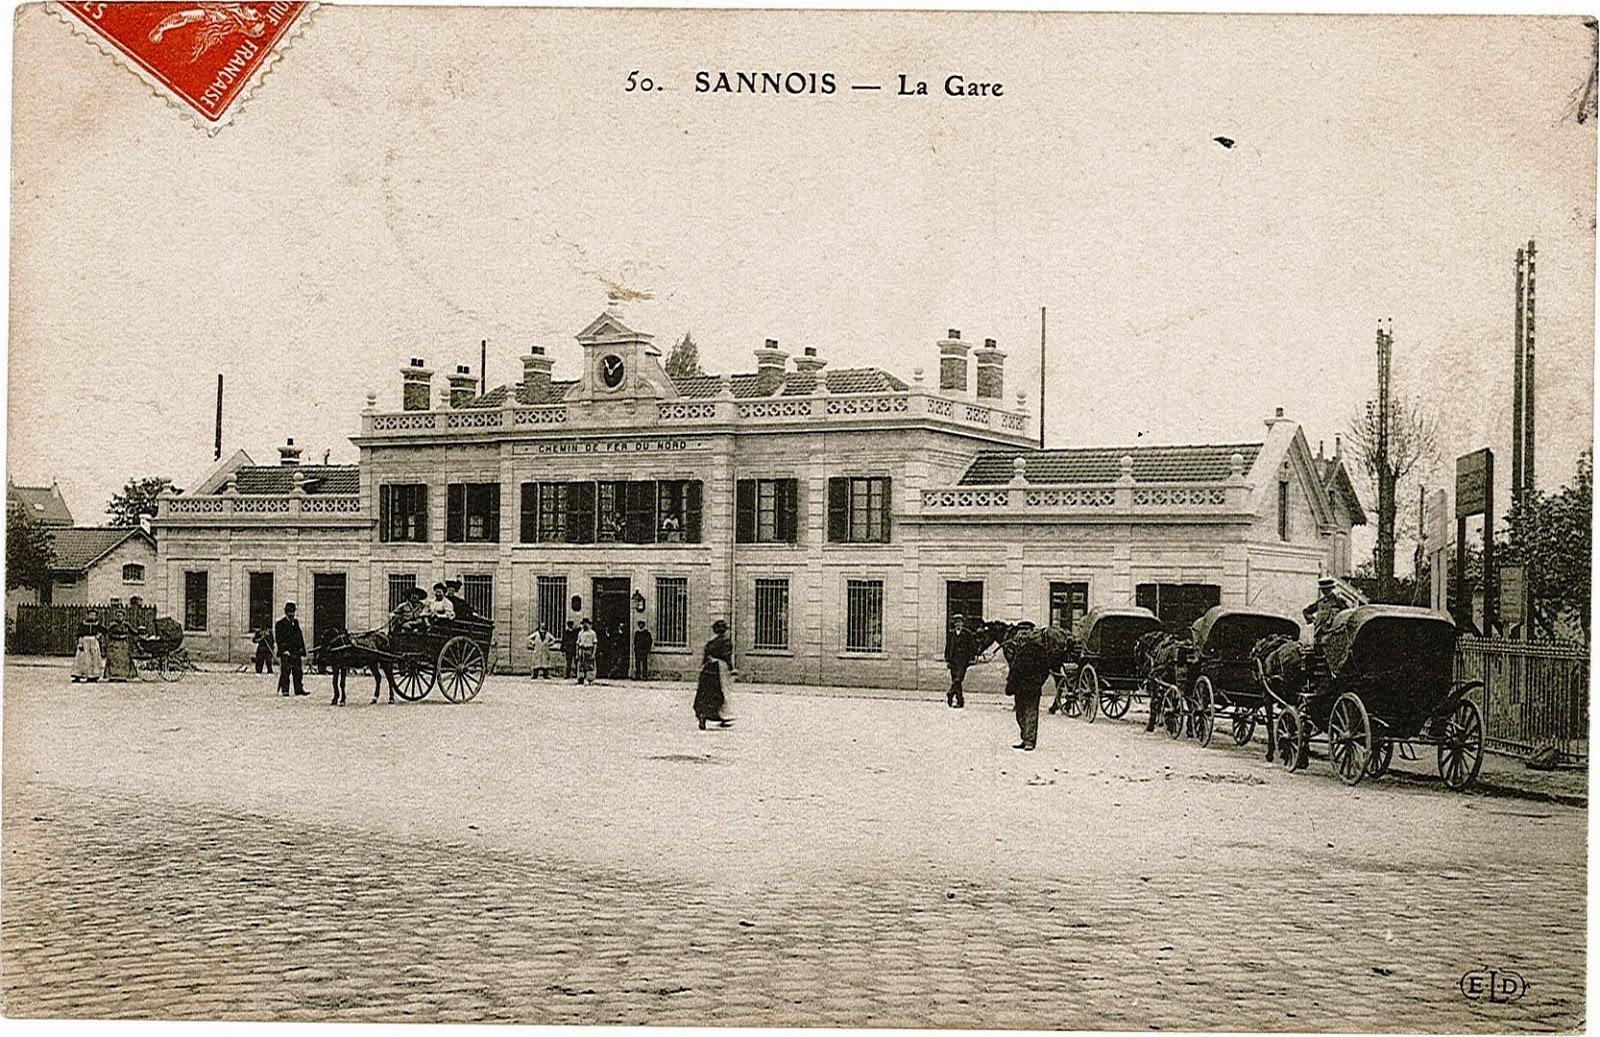 14 la gare vue de la place sannois carte postale ancienne cpa. Black Bedroom Furniture Sets. Home Design Ideas